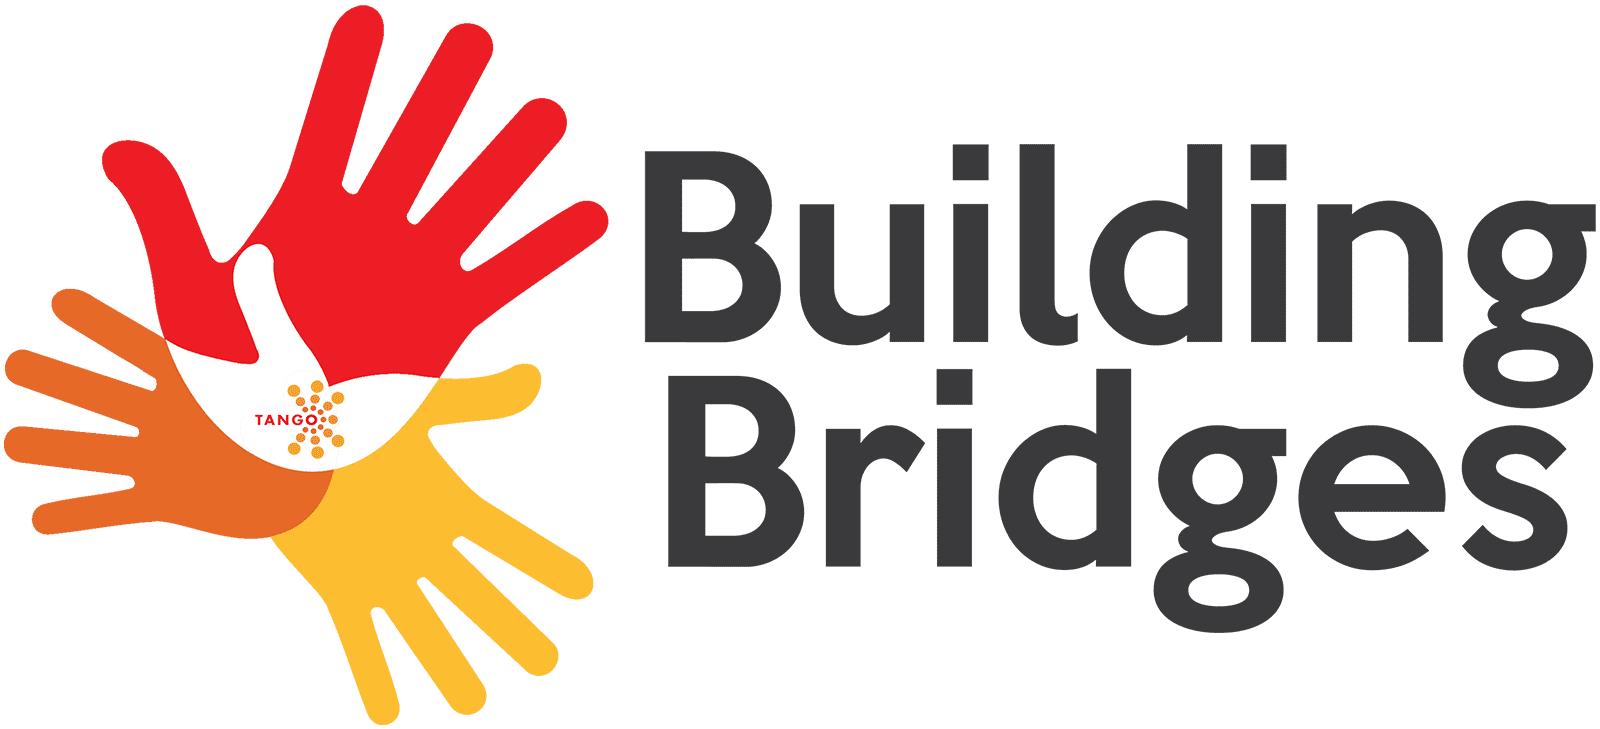 TANGO Building Bridges logo